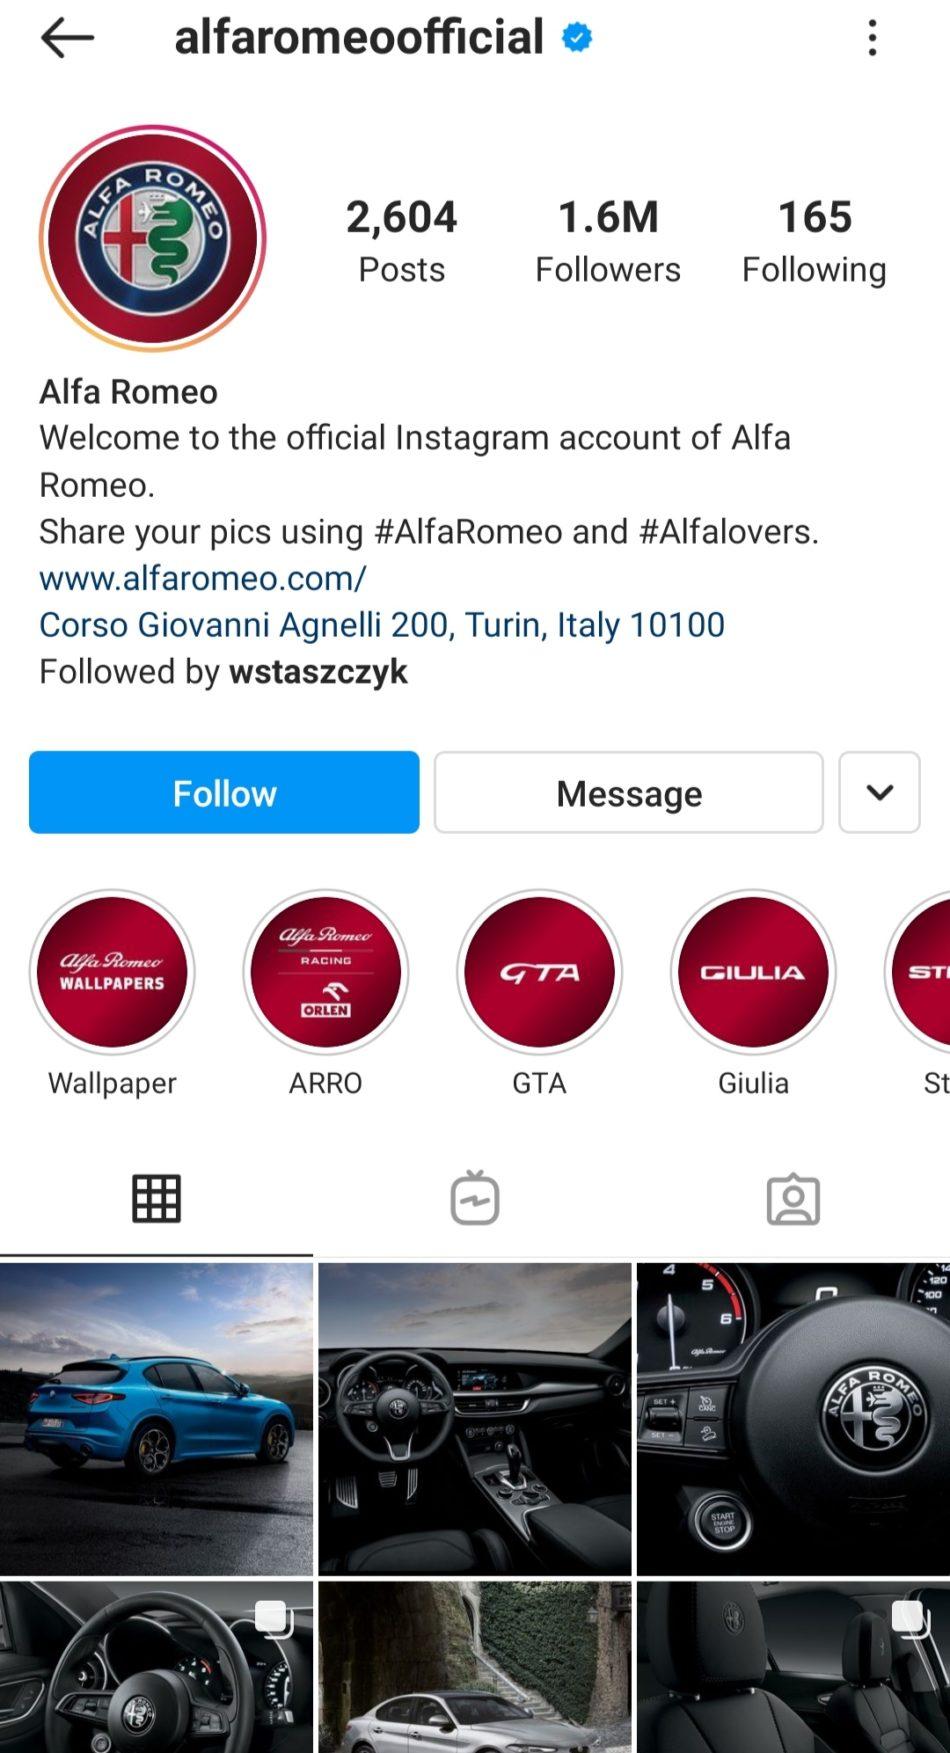 branding consistency alfa romeo's instagram